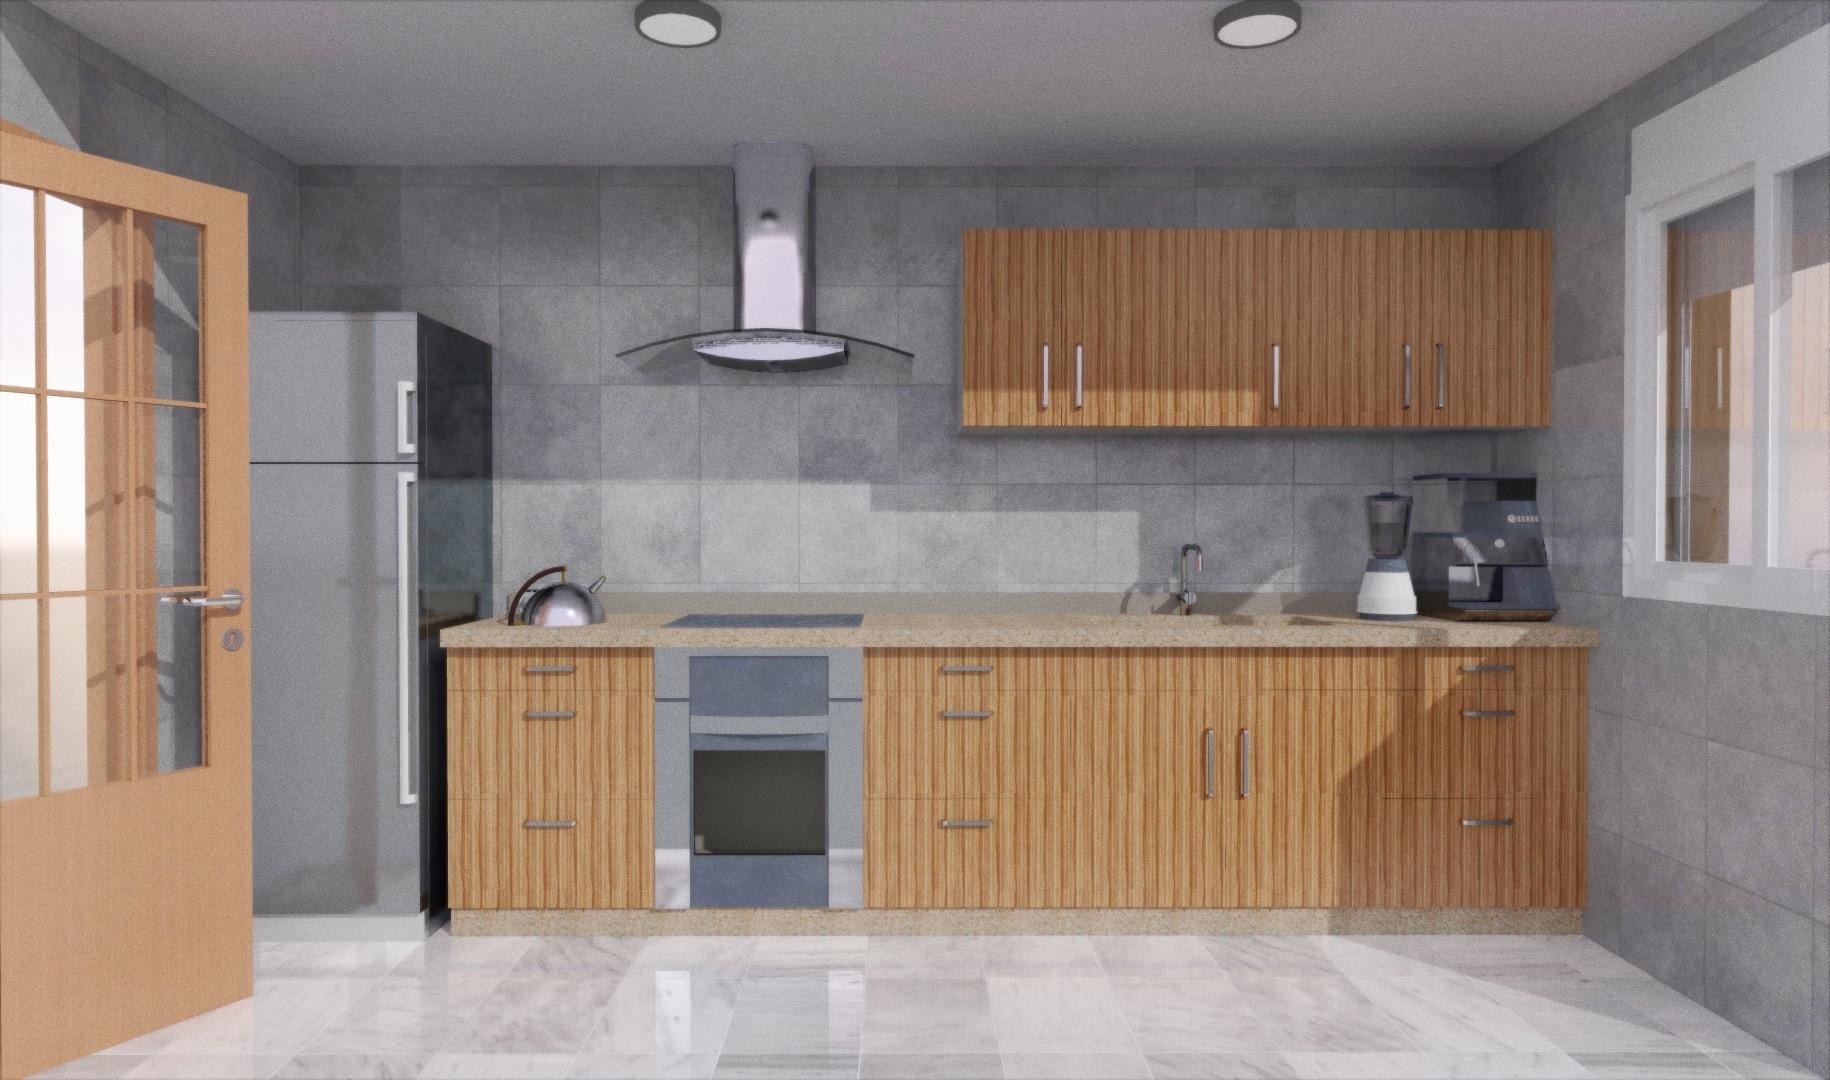 301 moved permanently for Medidas estandar de cocinas integrales